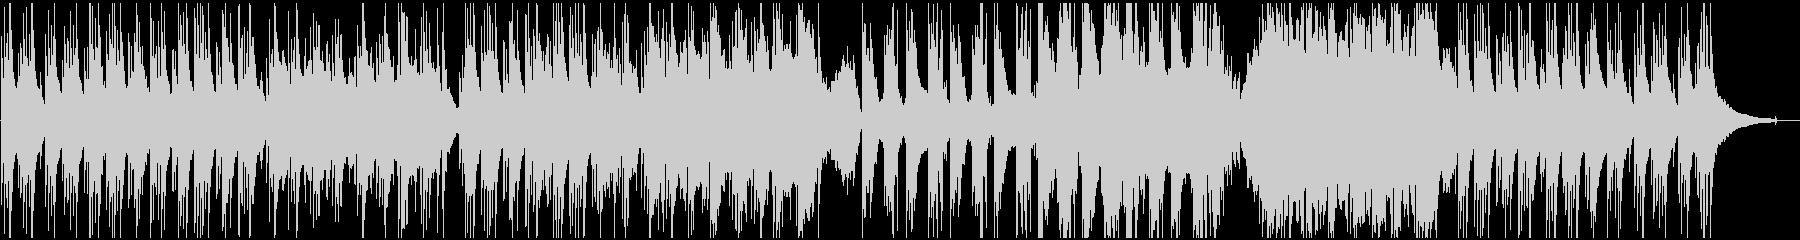 アコギとハープの穏やかなヒーリング曲の未再生の波形